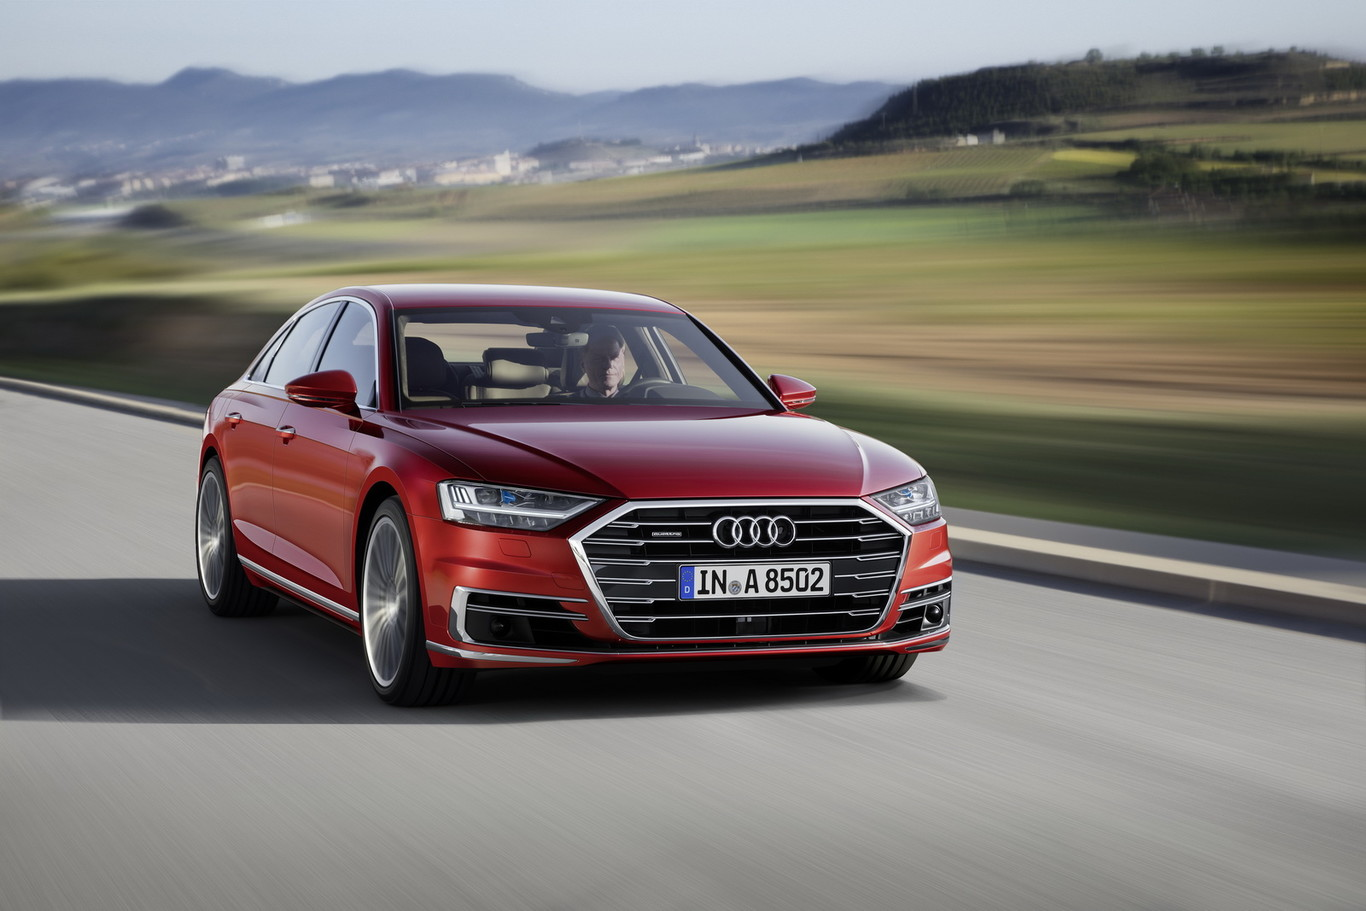 2020 Audi A8 L In Usa Price